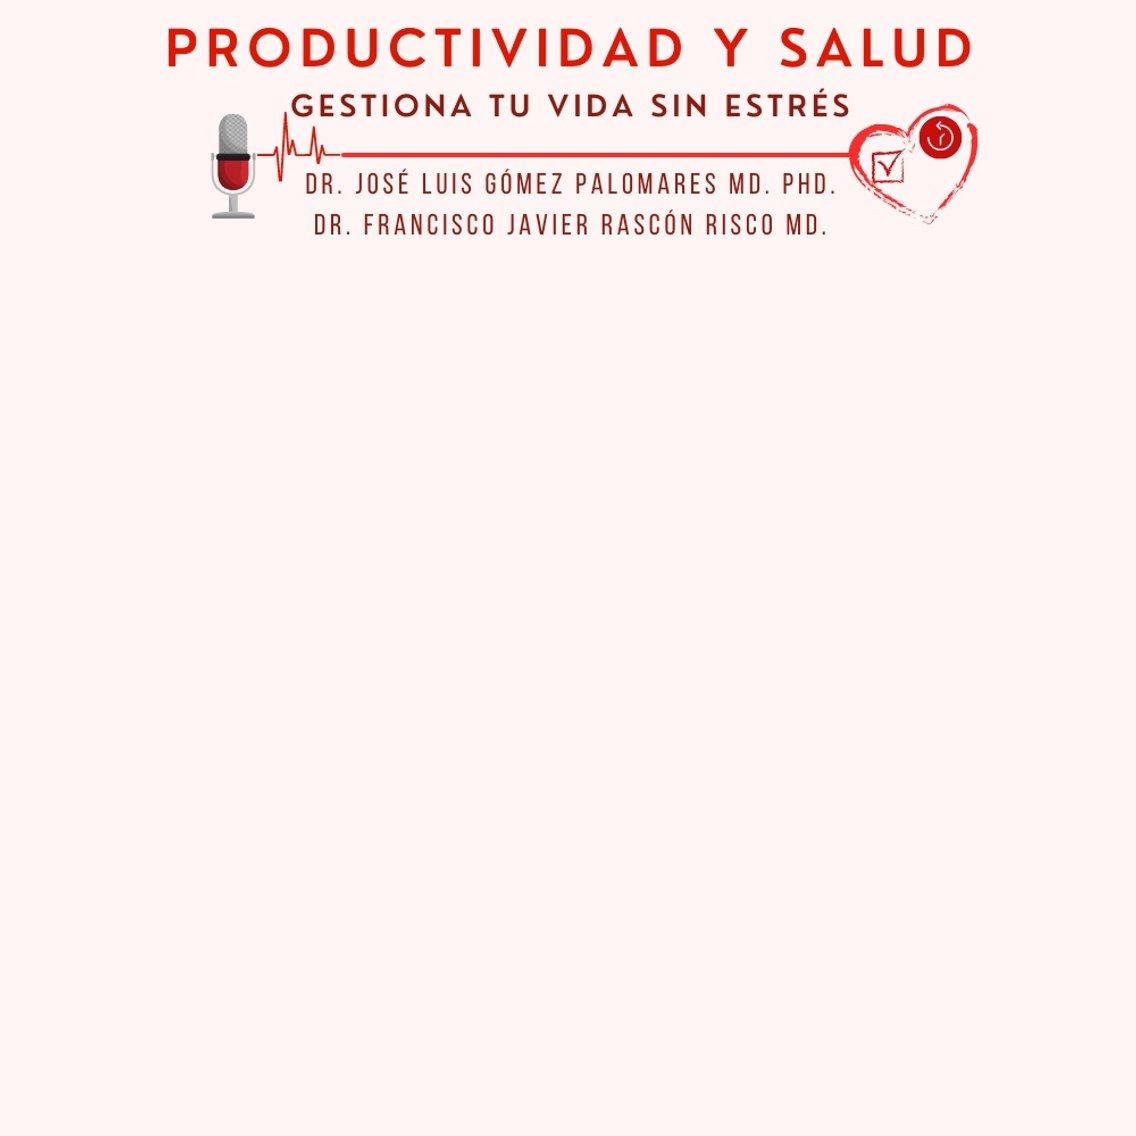 Productividad y Salud - imagen de portada